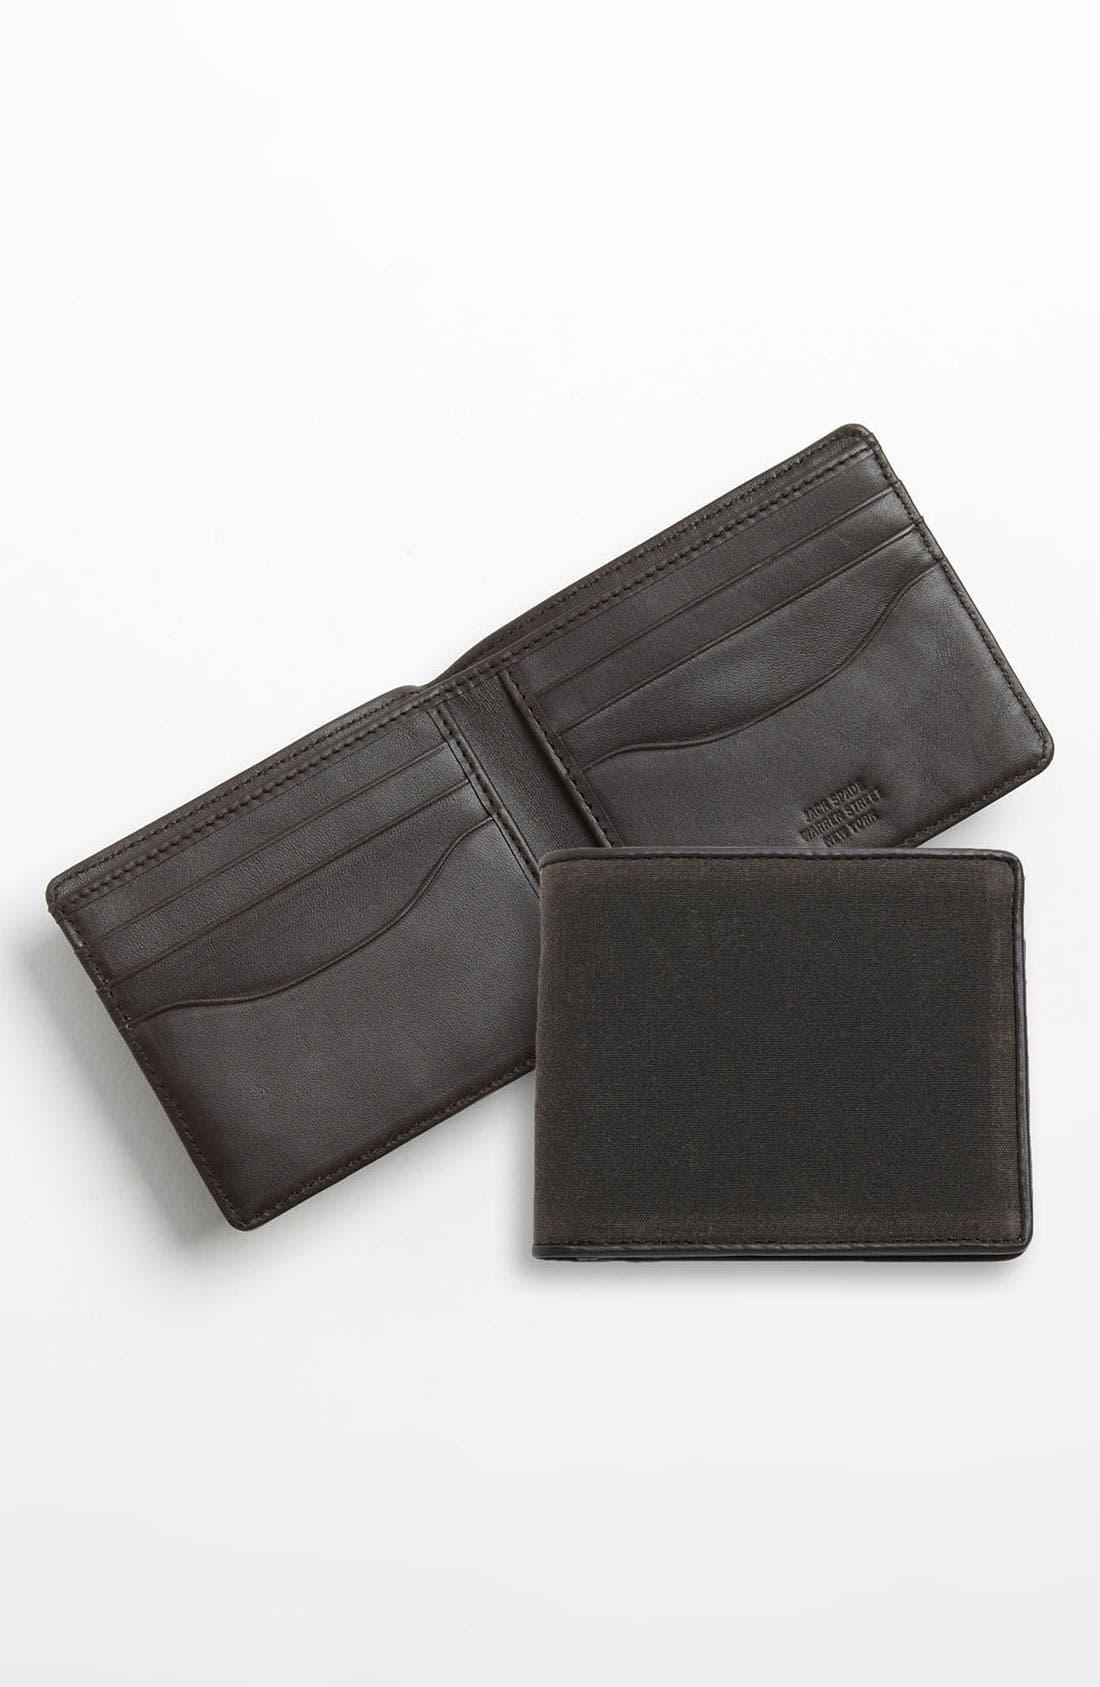 Alternate Image 1 Selected - Jack Spade 'Waxwear' Wallet